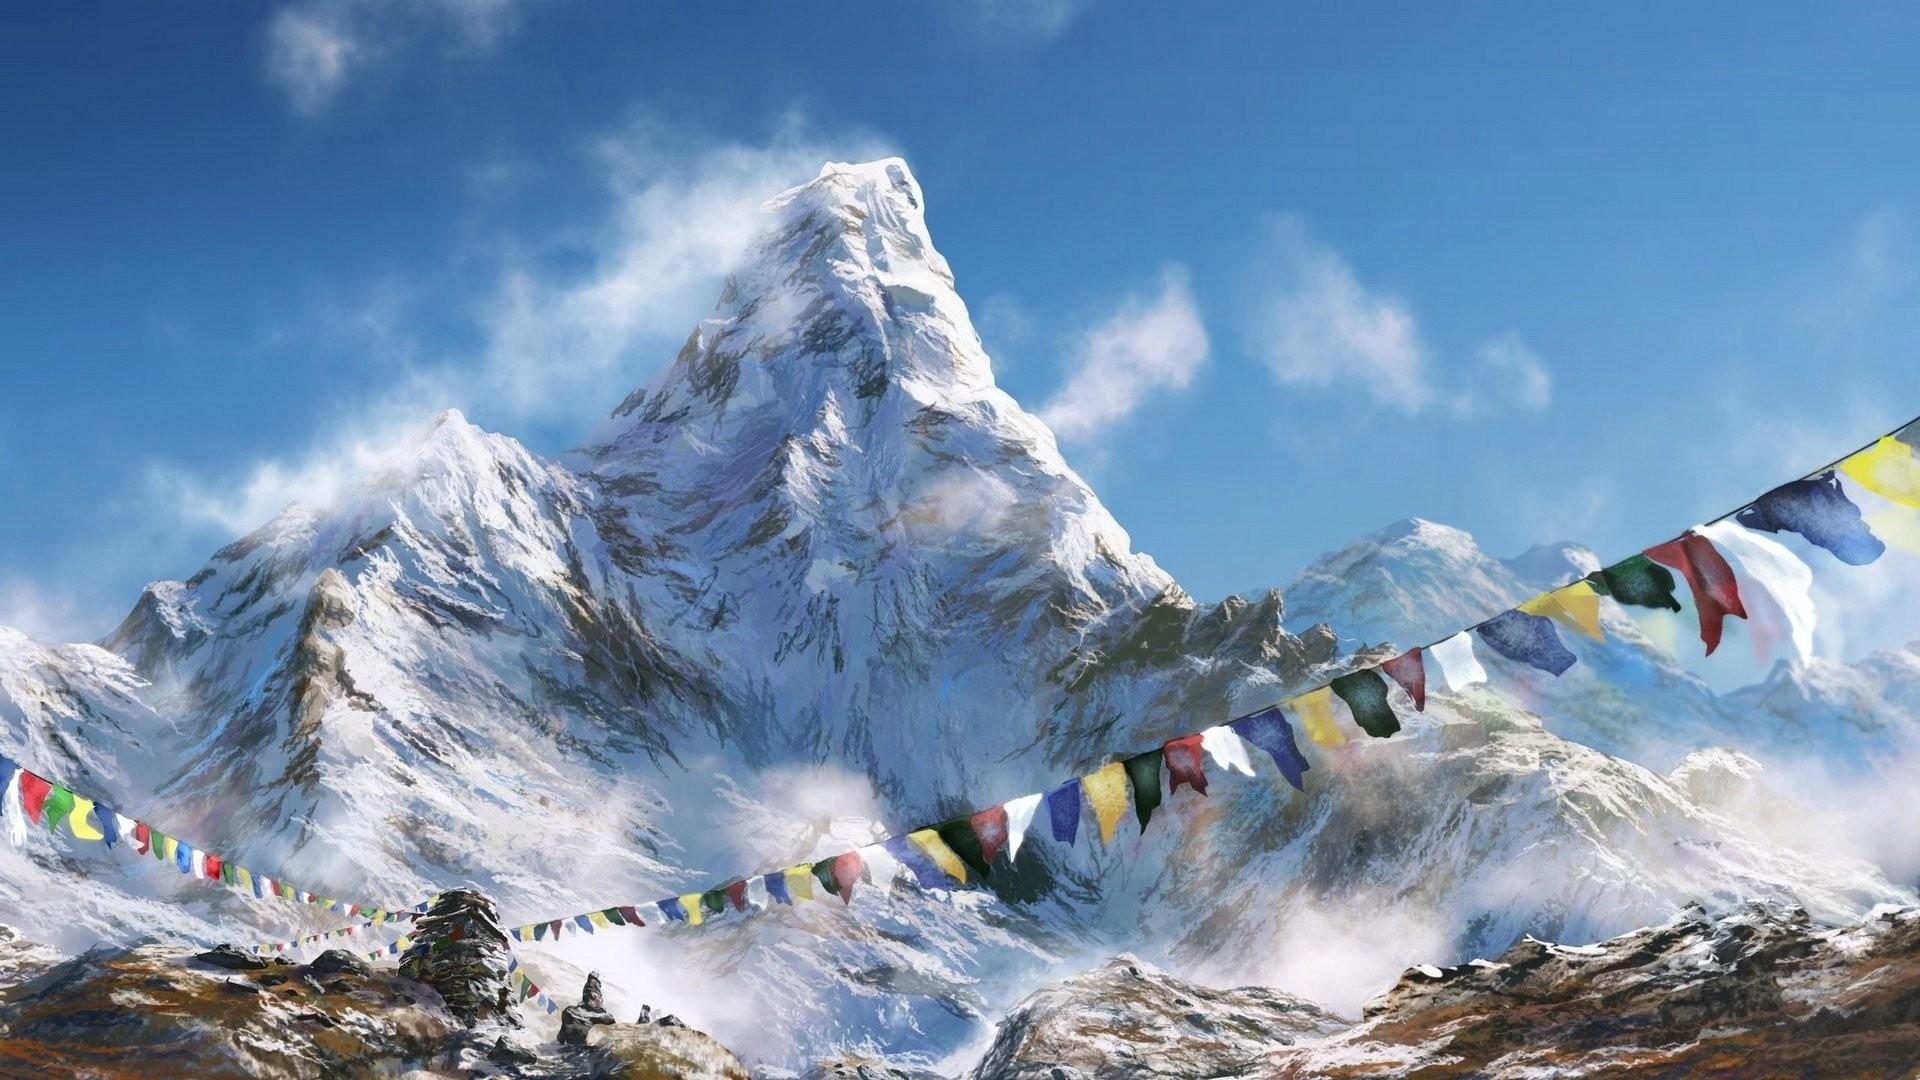 Everest wallpaper photo hd